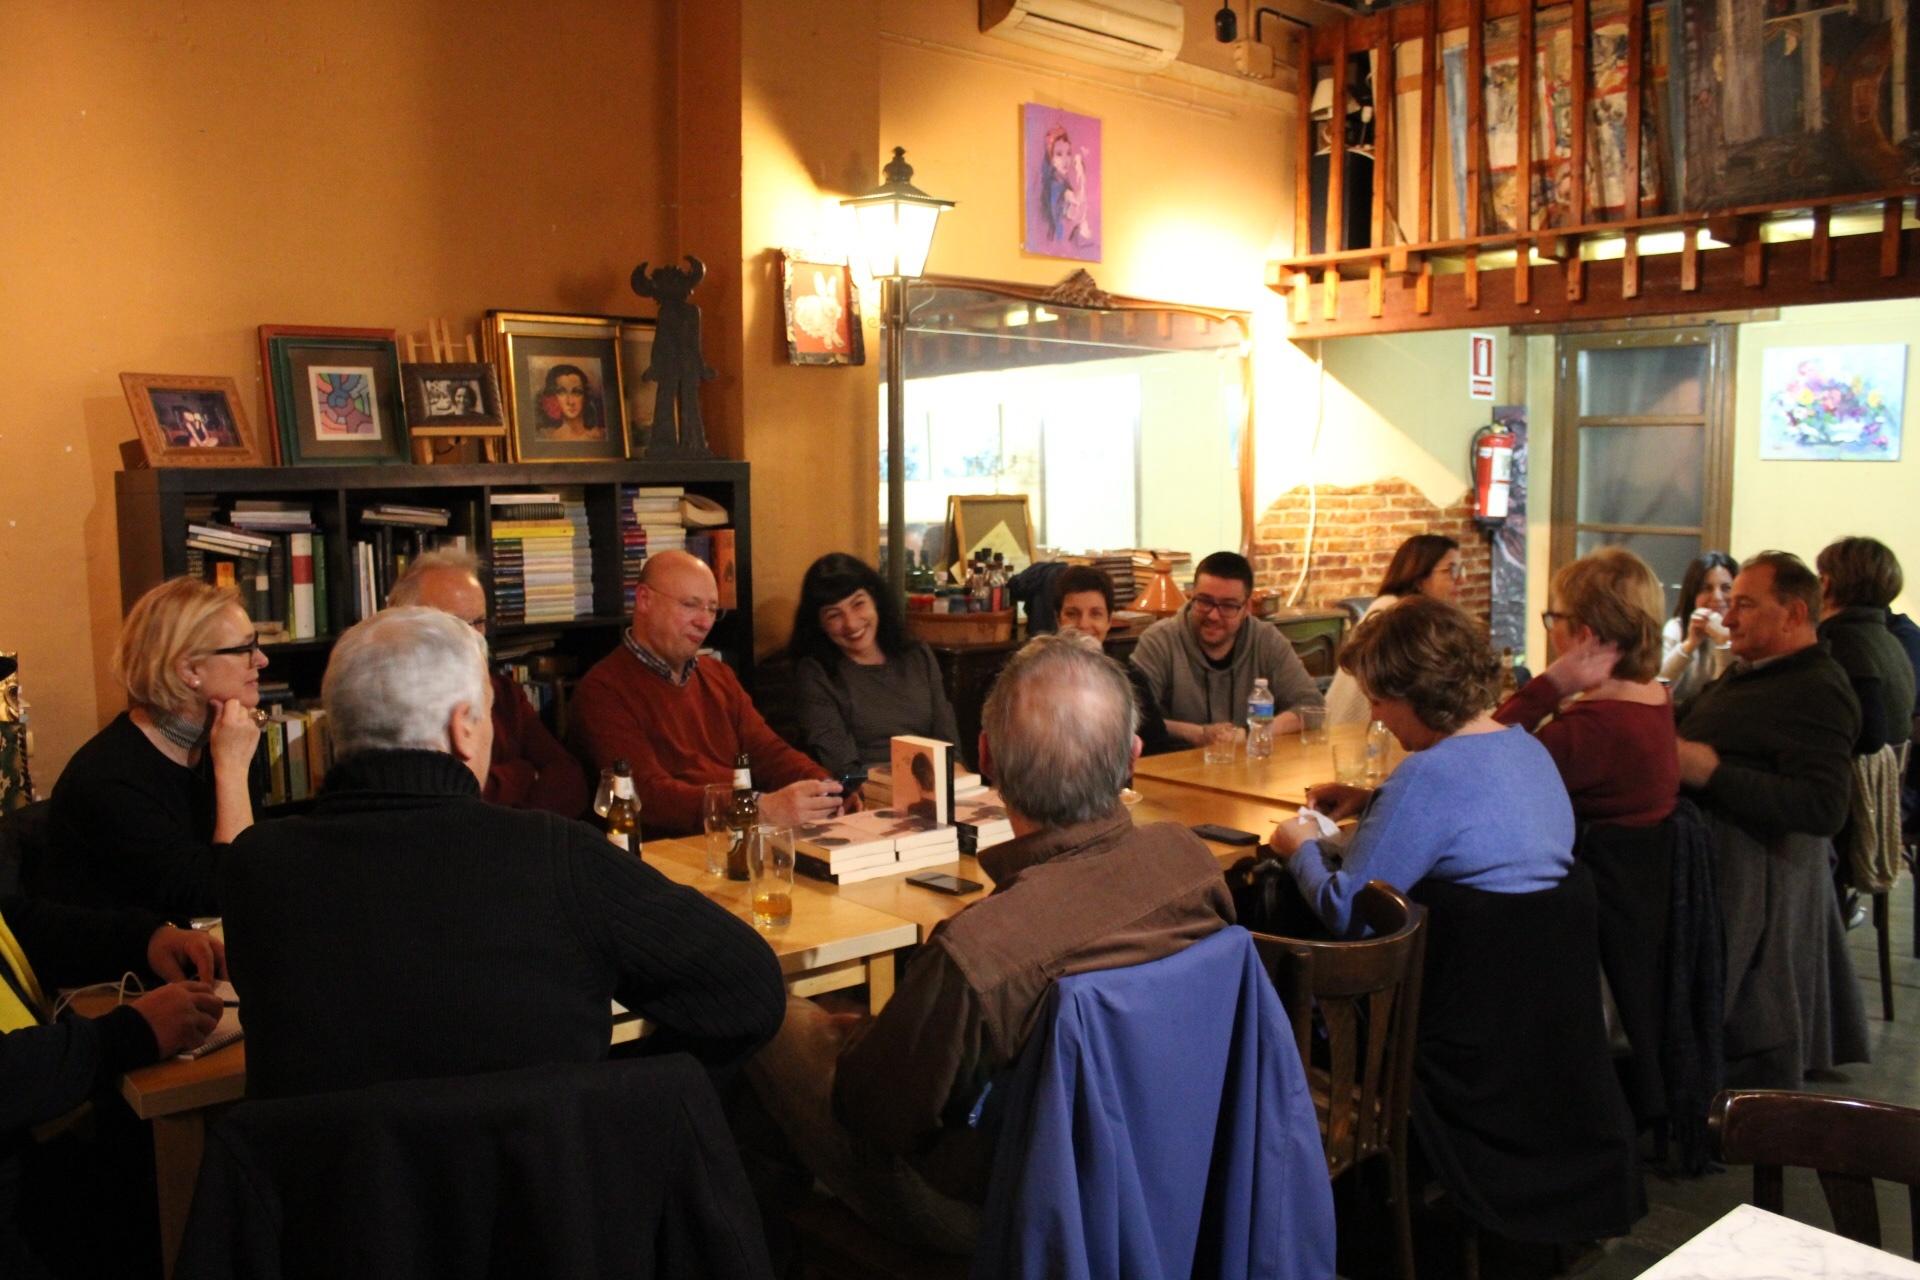 Així va ser Cafè filosòfic del divendres 14-02-20, al Cau de les Arts d'Esplugues de Llobregat